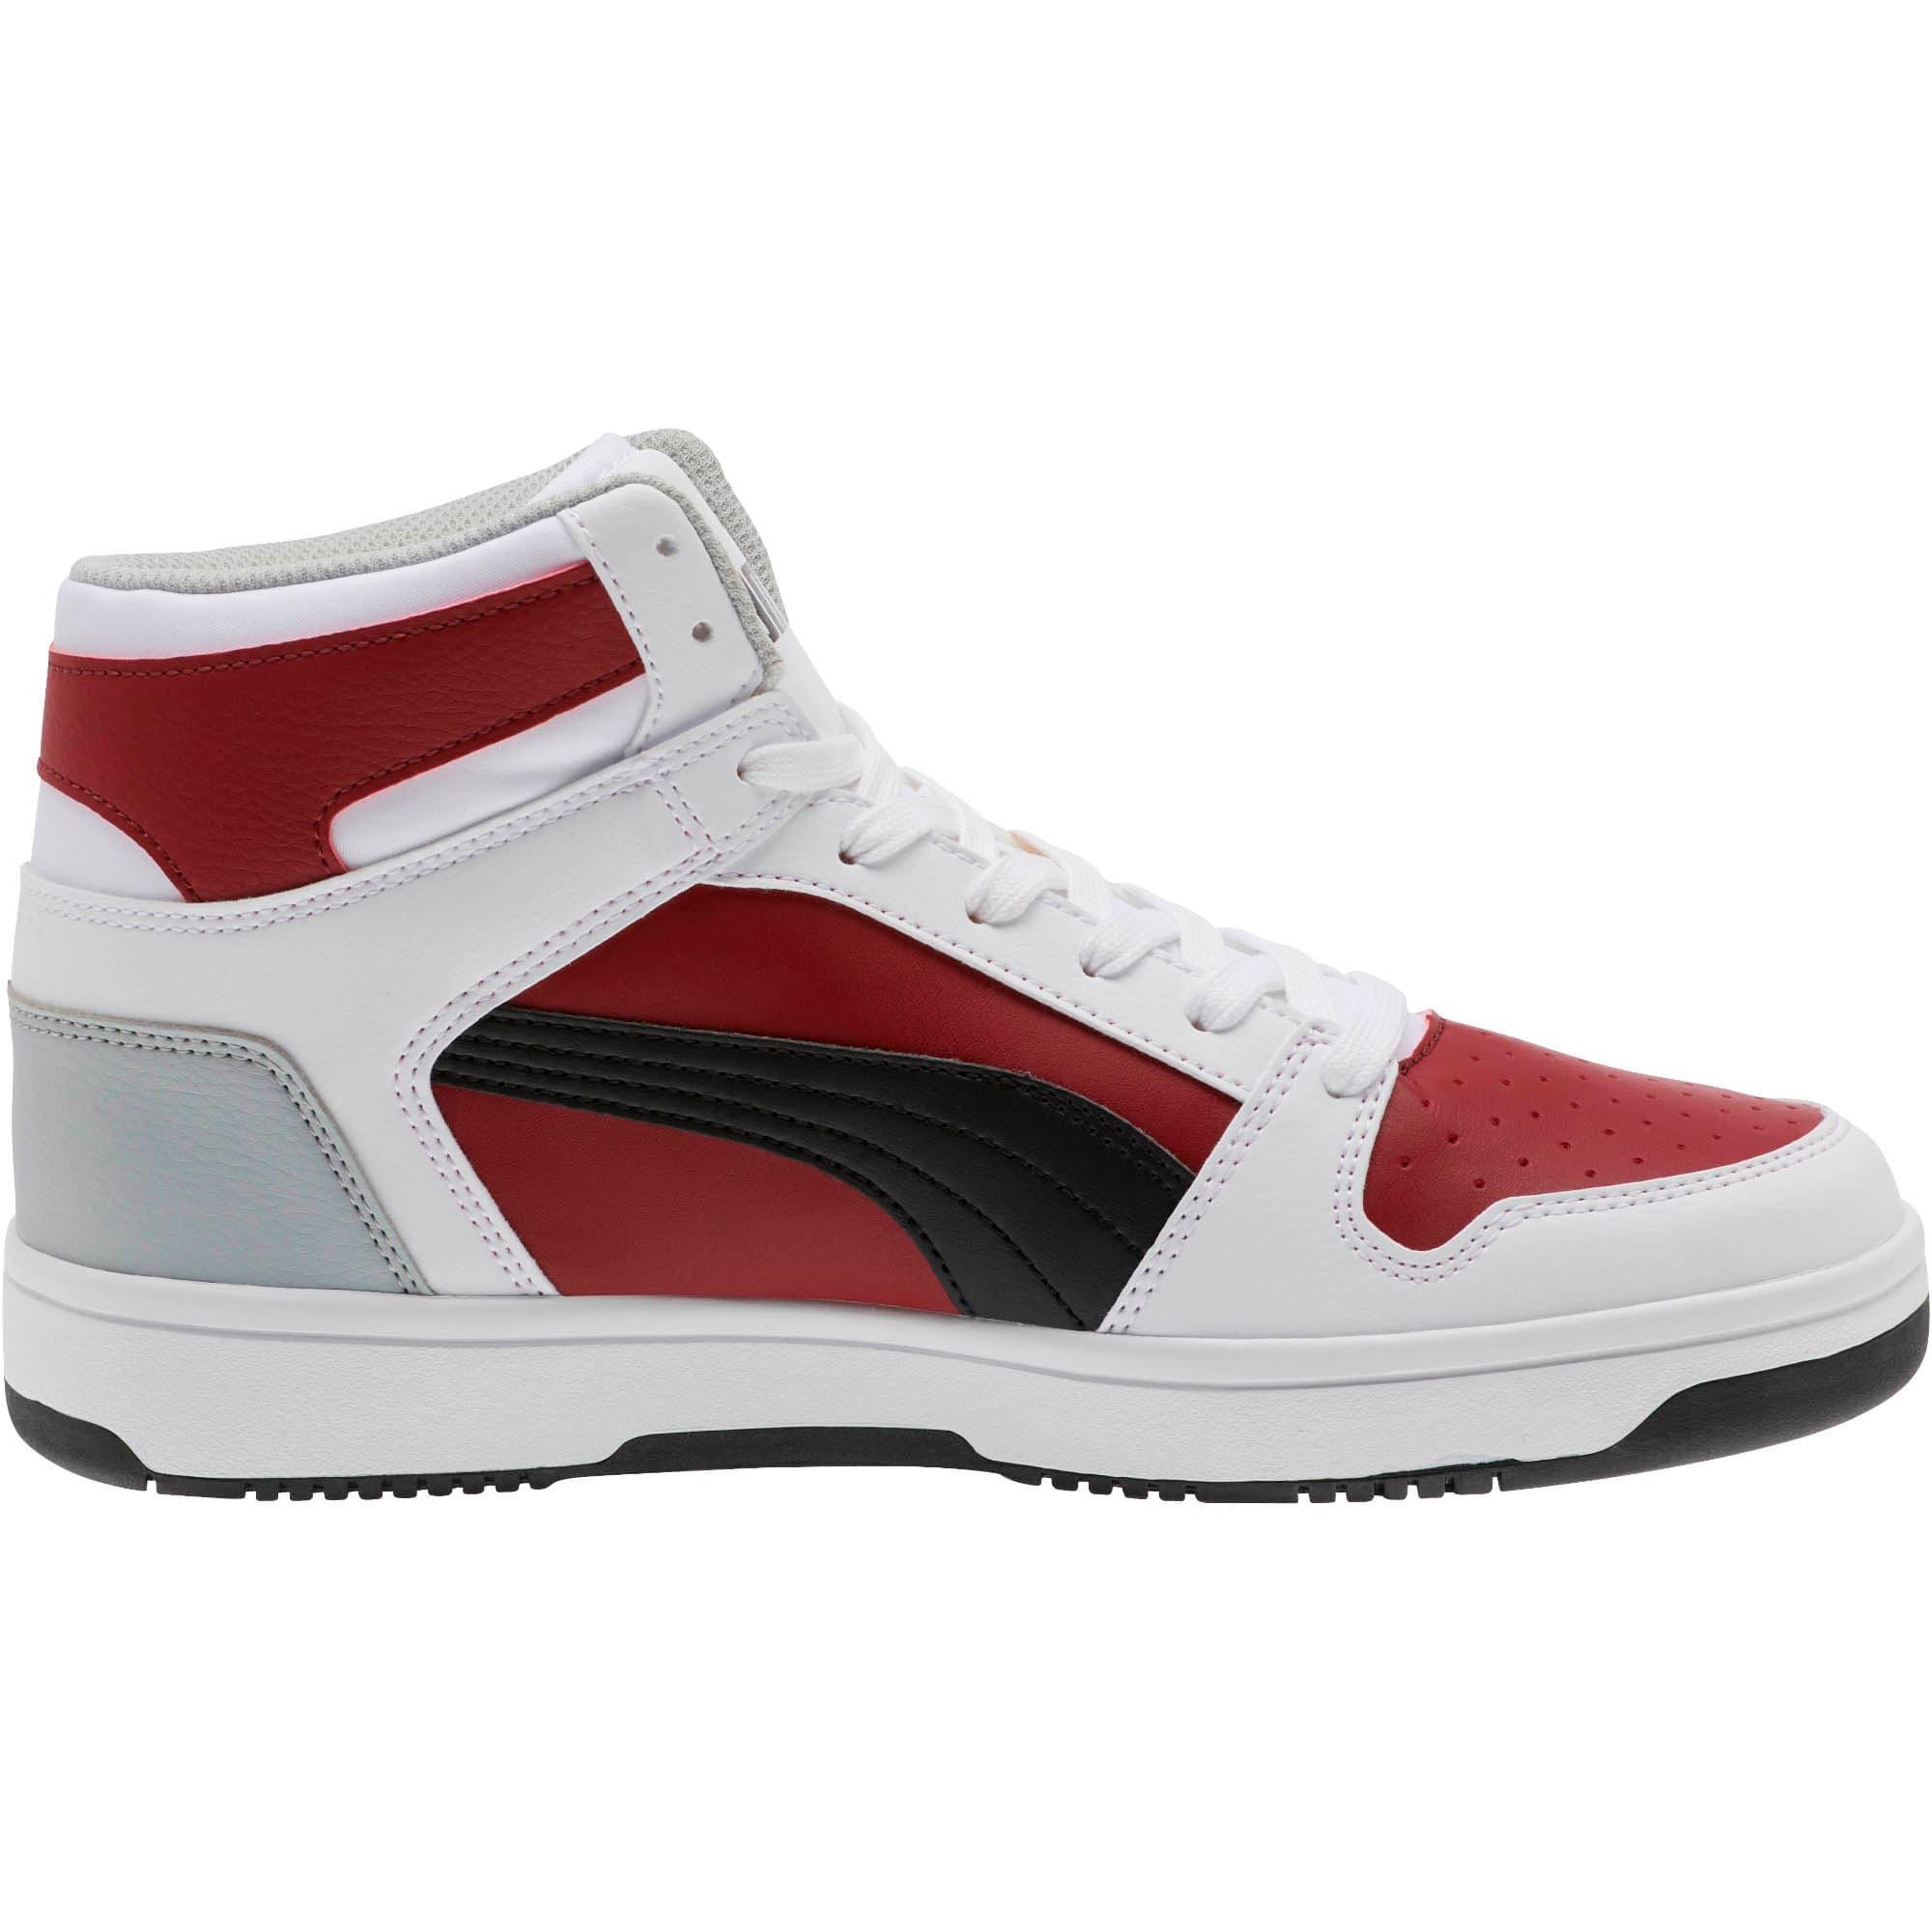 Thumbnail 4 of PUMA Rebound LayUp Sneakers, White-Black-Rhubarb-HighRise, medium